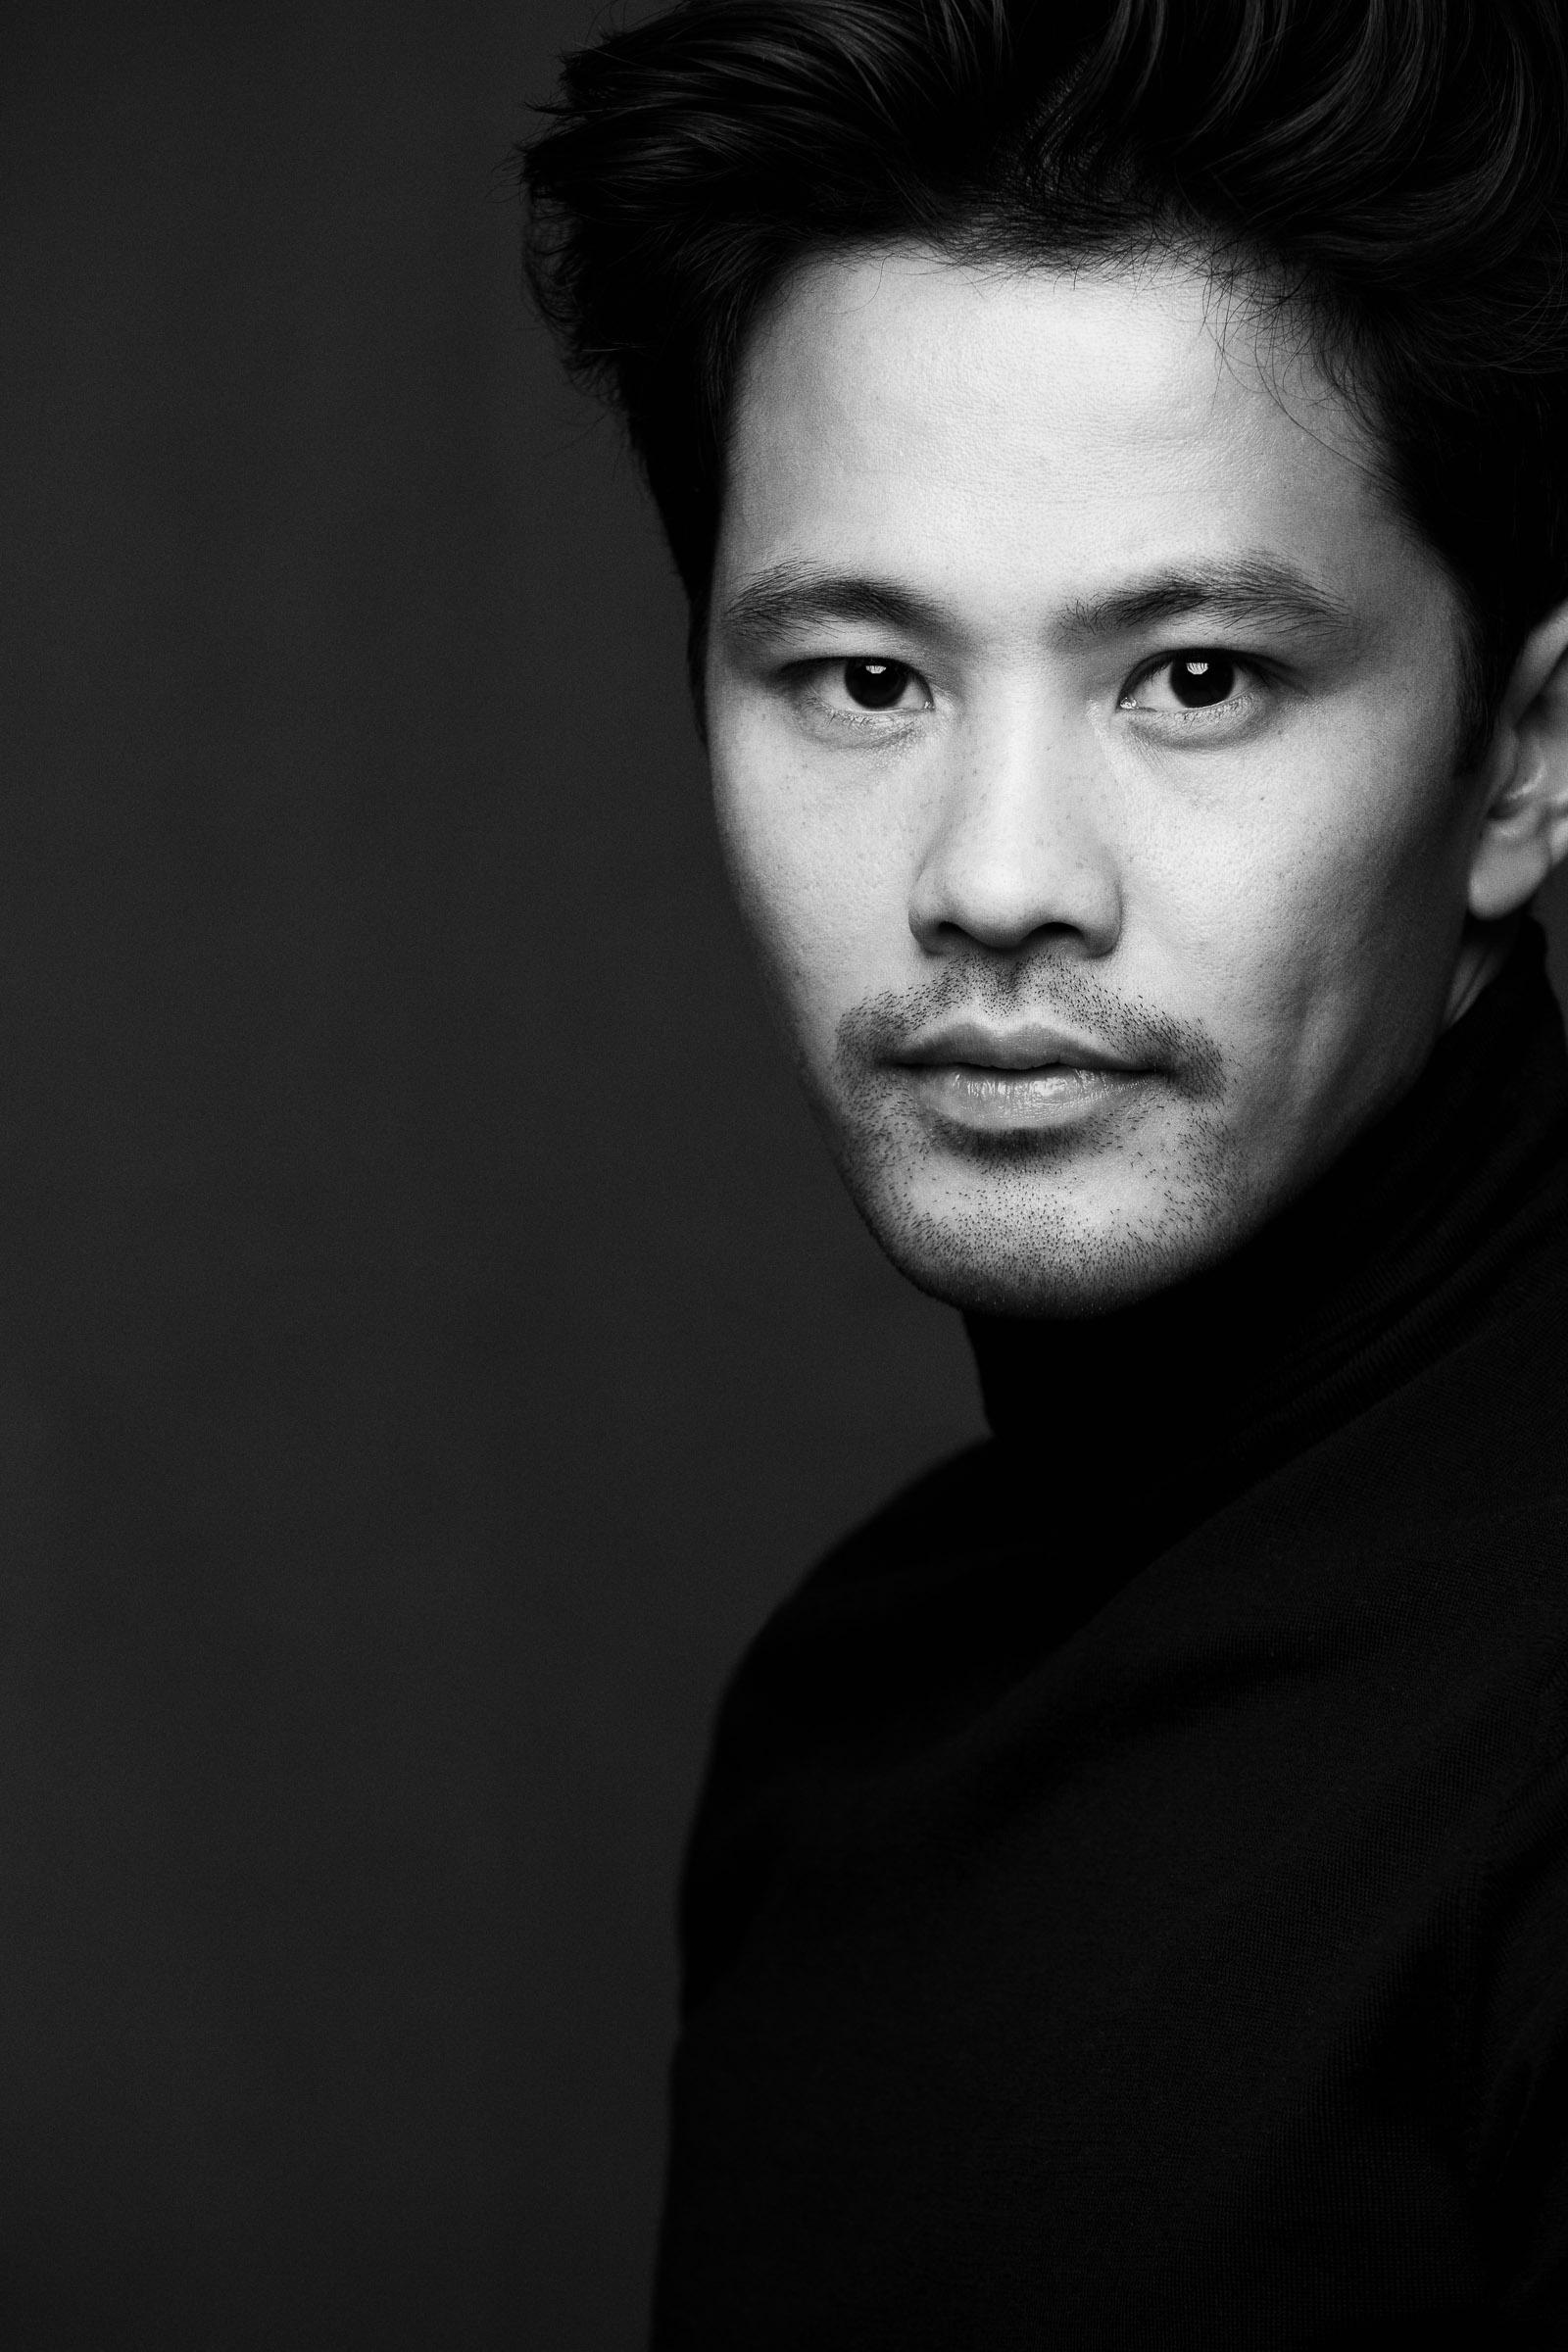 portrait black&white linh 2